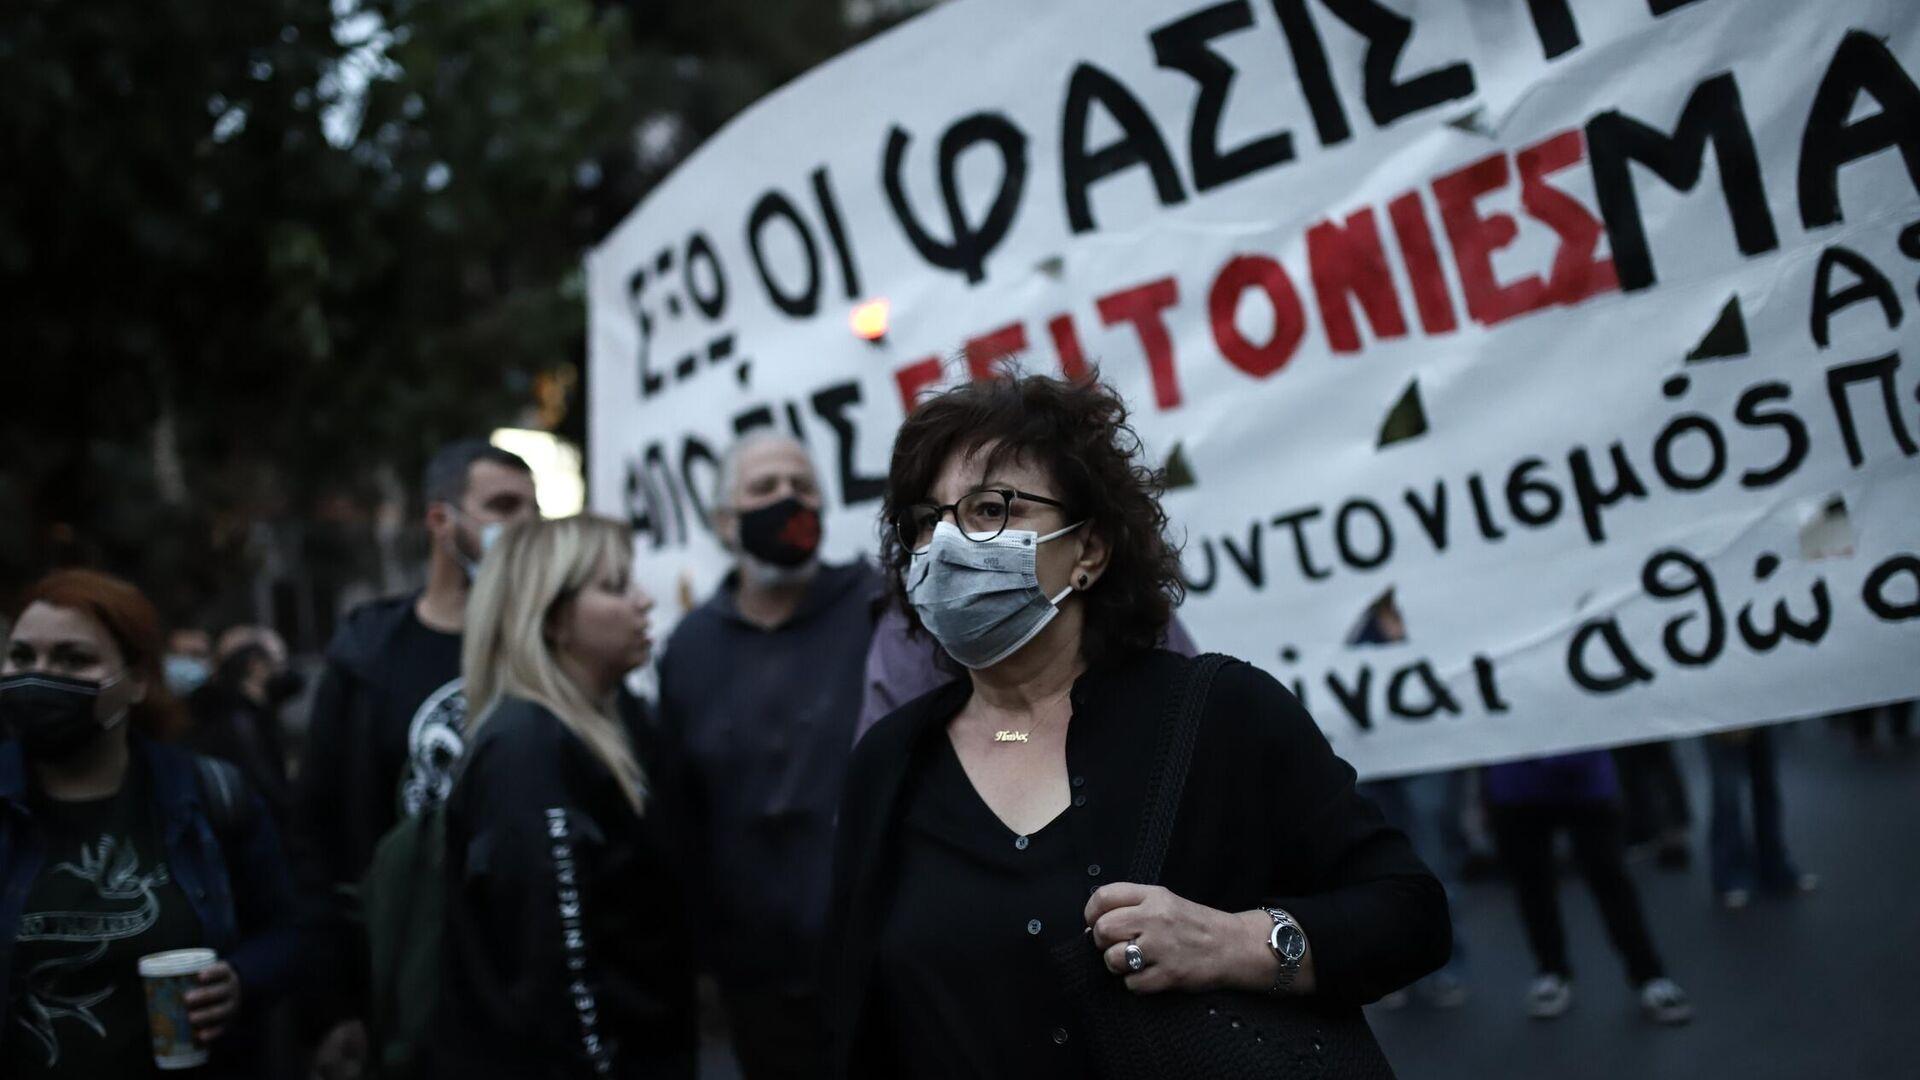 Η Μάγδα Φύσσα στην αντιφασιστική συγκέντρωση για τη συμπλήρωση ενός χρόνου από το τέλος της Δίκης της Χρυσής Αυγής - Sputnik Ελλάδα, 1920, 07.10.2021